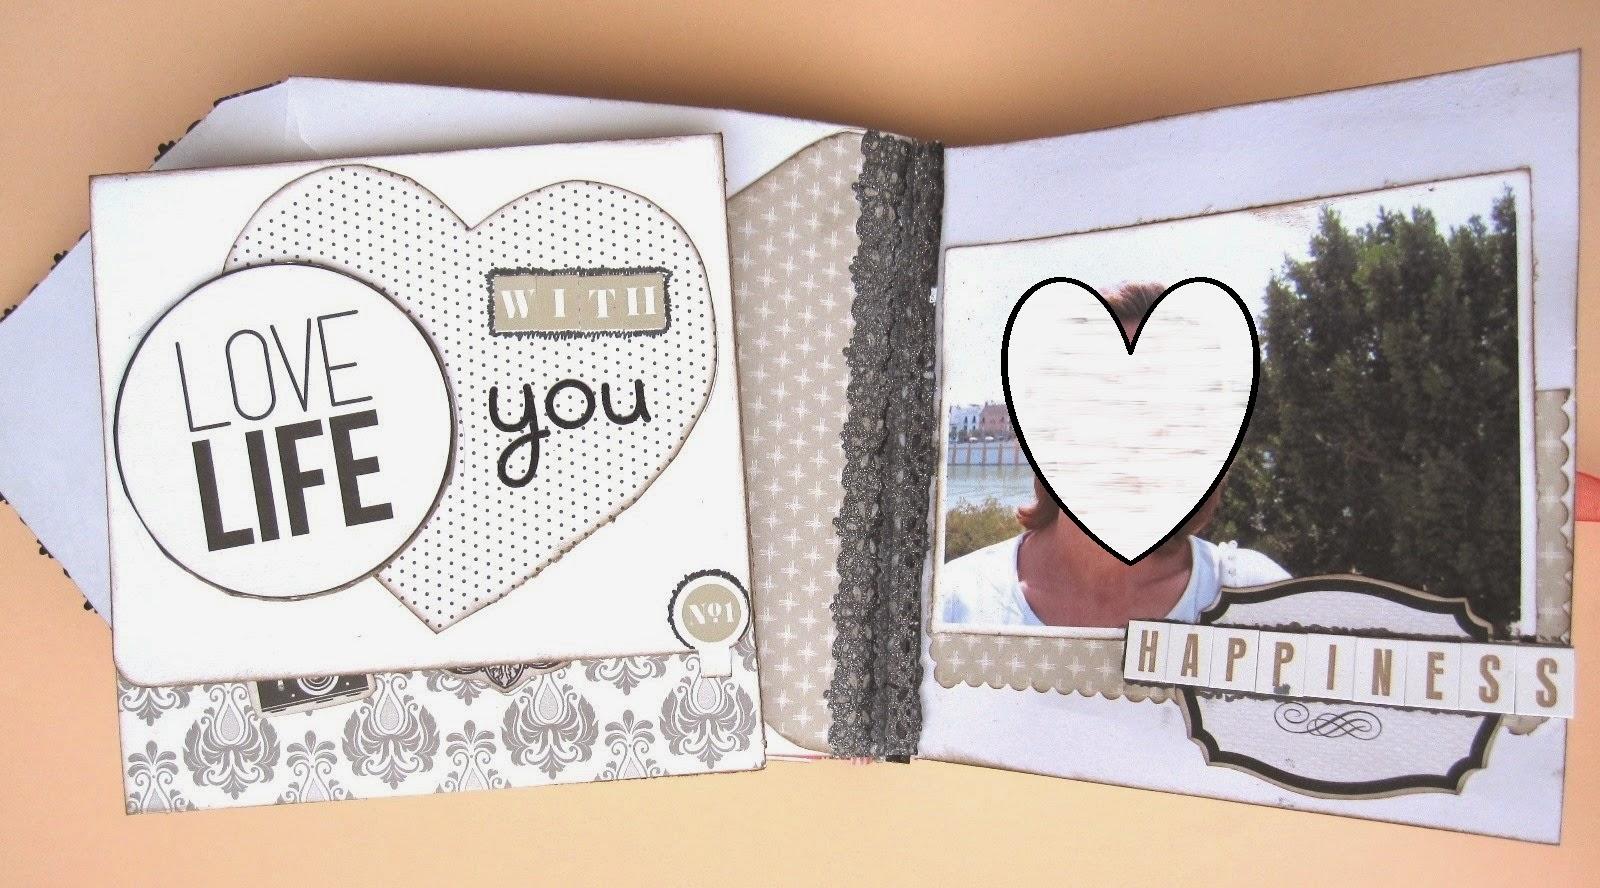 foto 6 decoración interior LOVE mini-álbum a la izquierda tarjeta con mensaje 'Love life with you' sobre mini-álbum abierto y derecha foto sobre mat y palabra 'happiness')